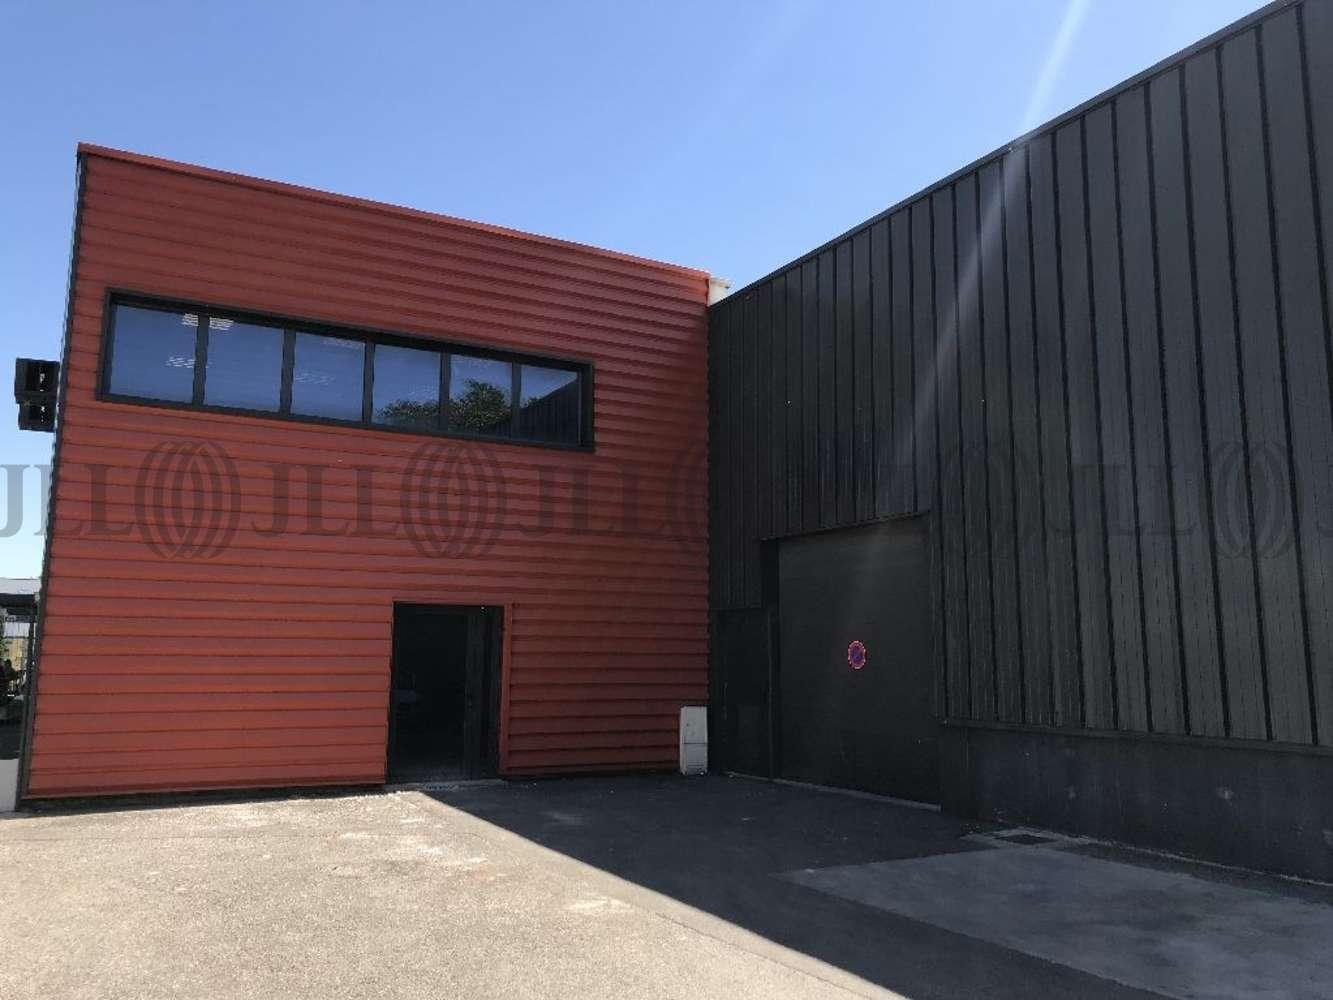 Activités/entrepôt Irigny, 69540 - Locaux d'activité et de bureaux à vendre - 9549821